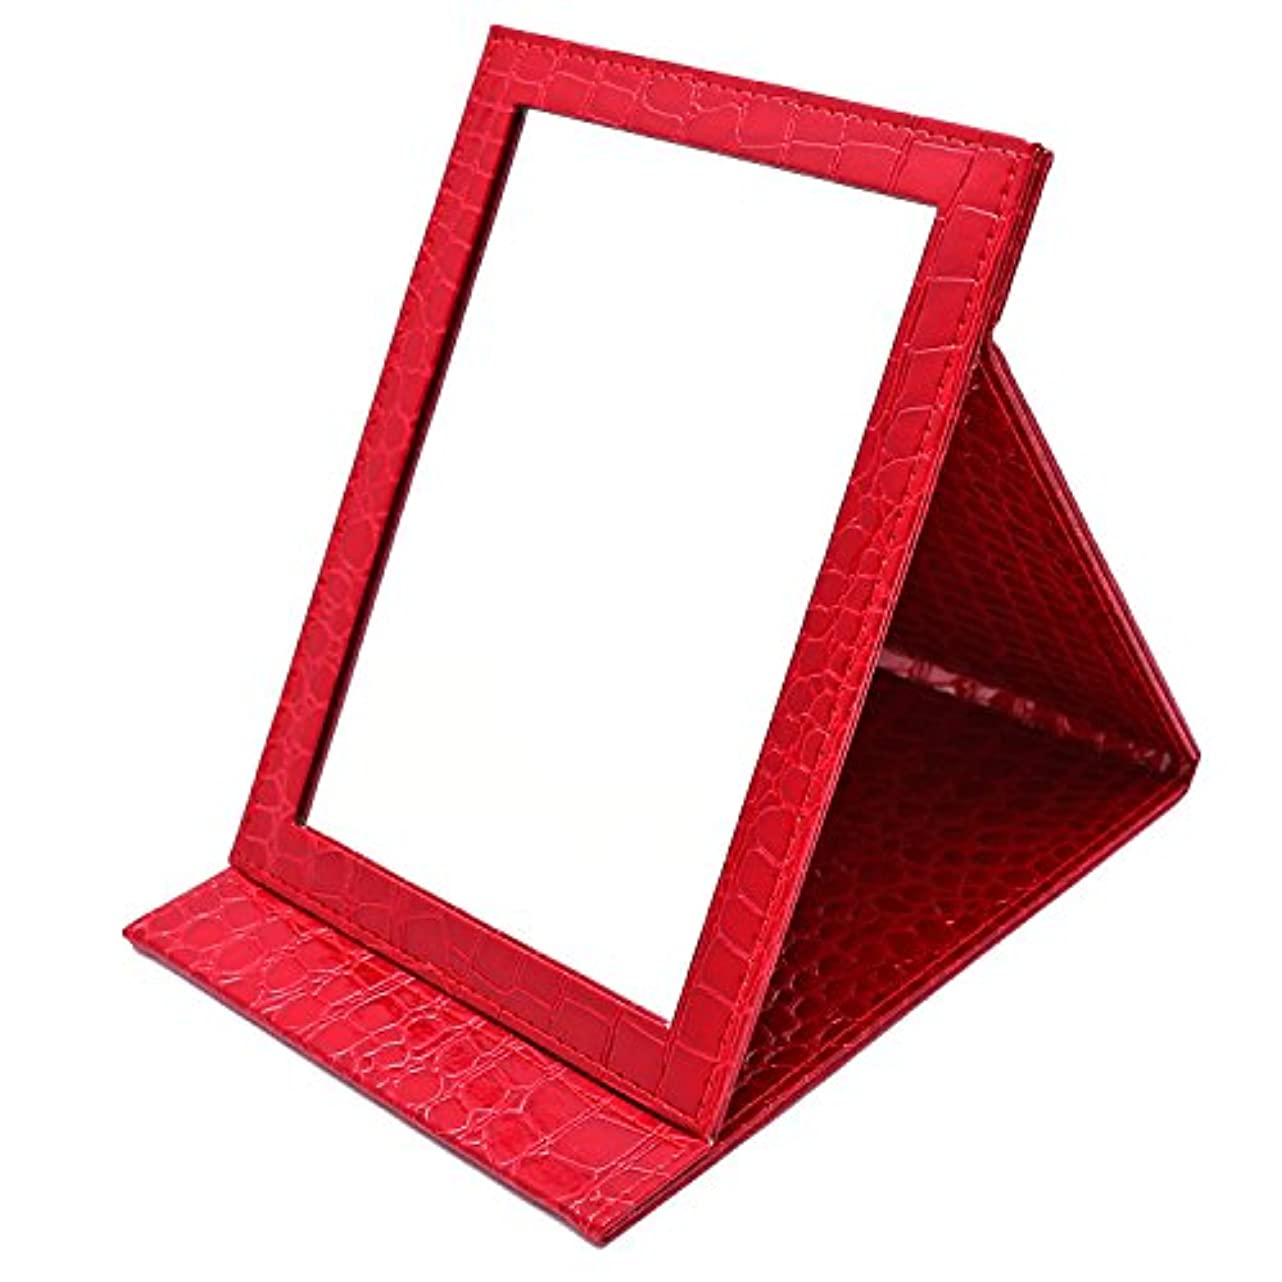 クレア想像力豊かな在庫nakira 大きめ 折りたたみミラー 携帯 鏡 エナメル調 クロコ柄 (レッド)